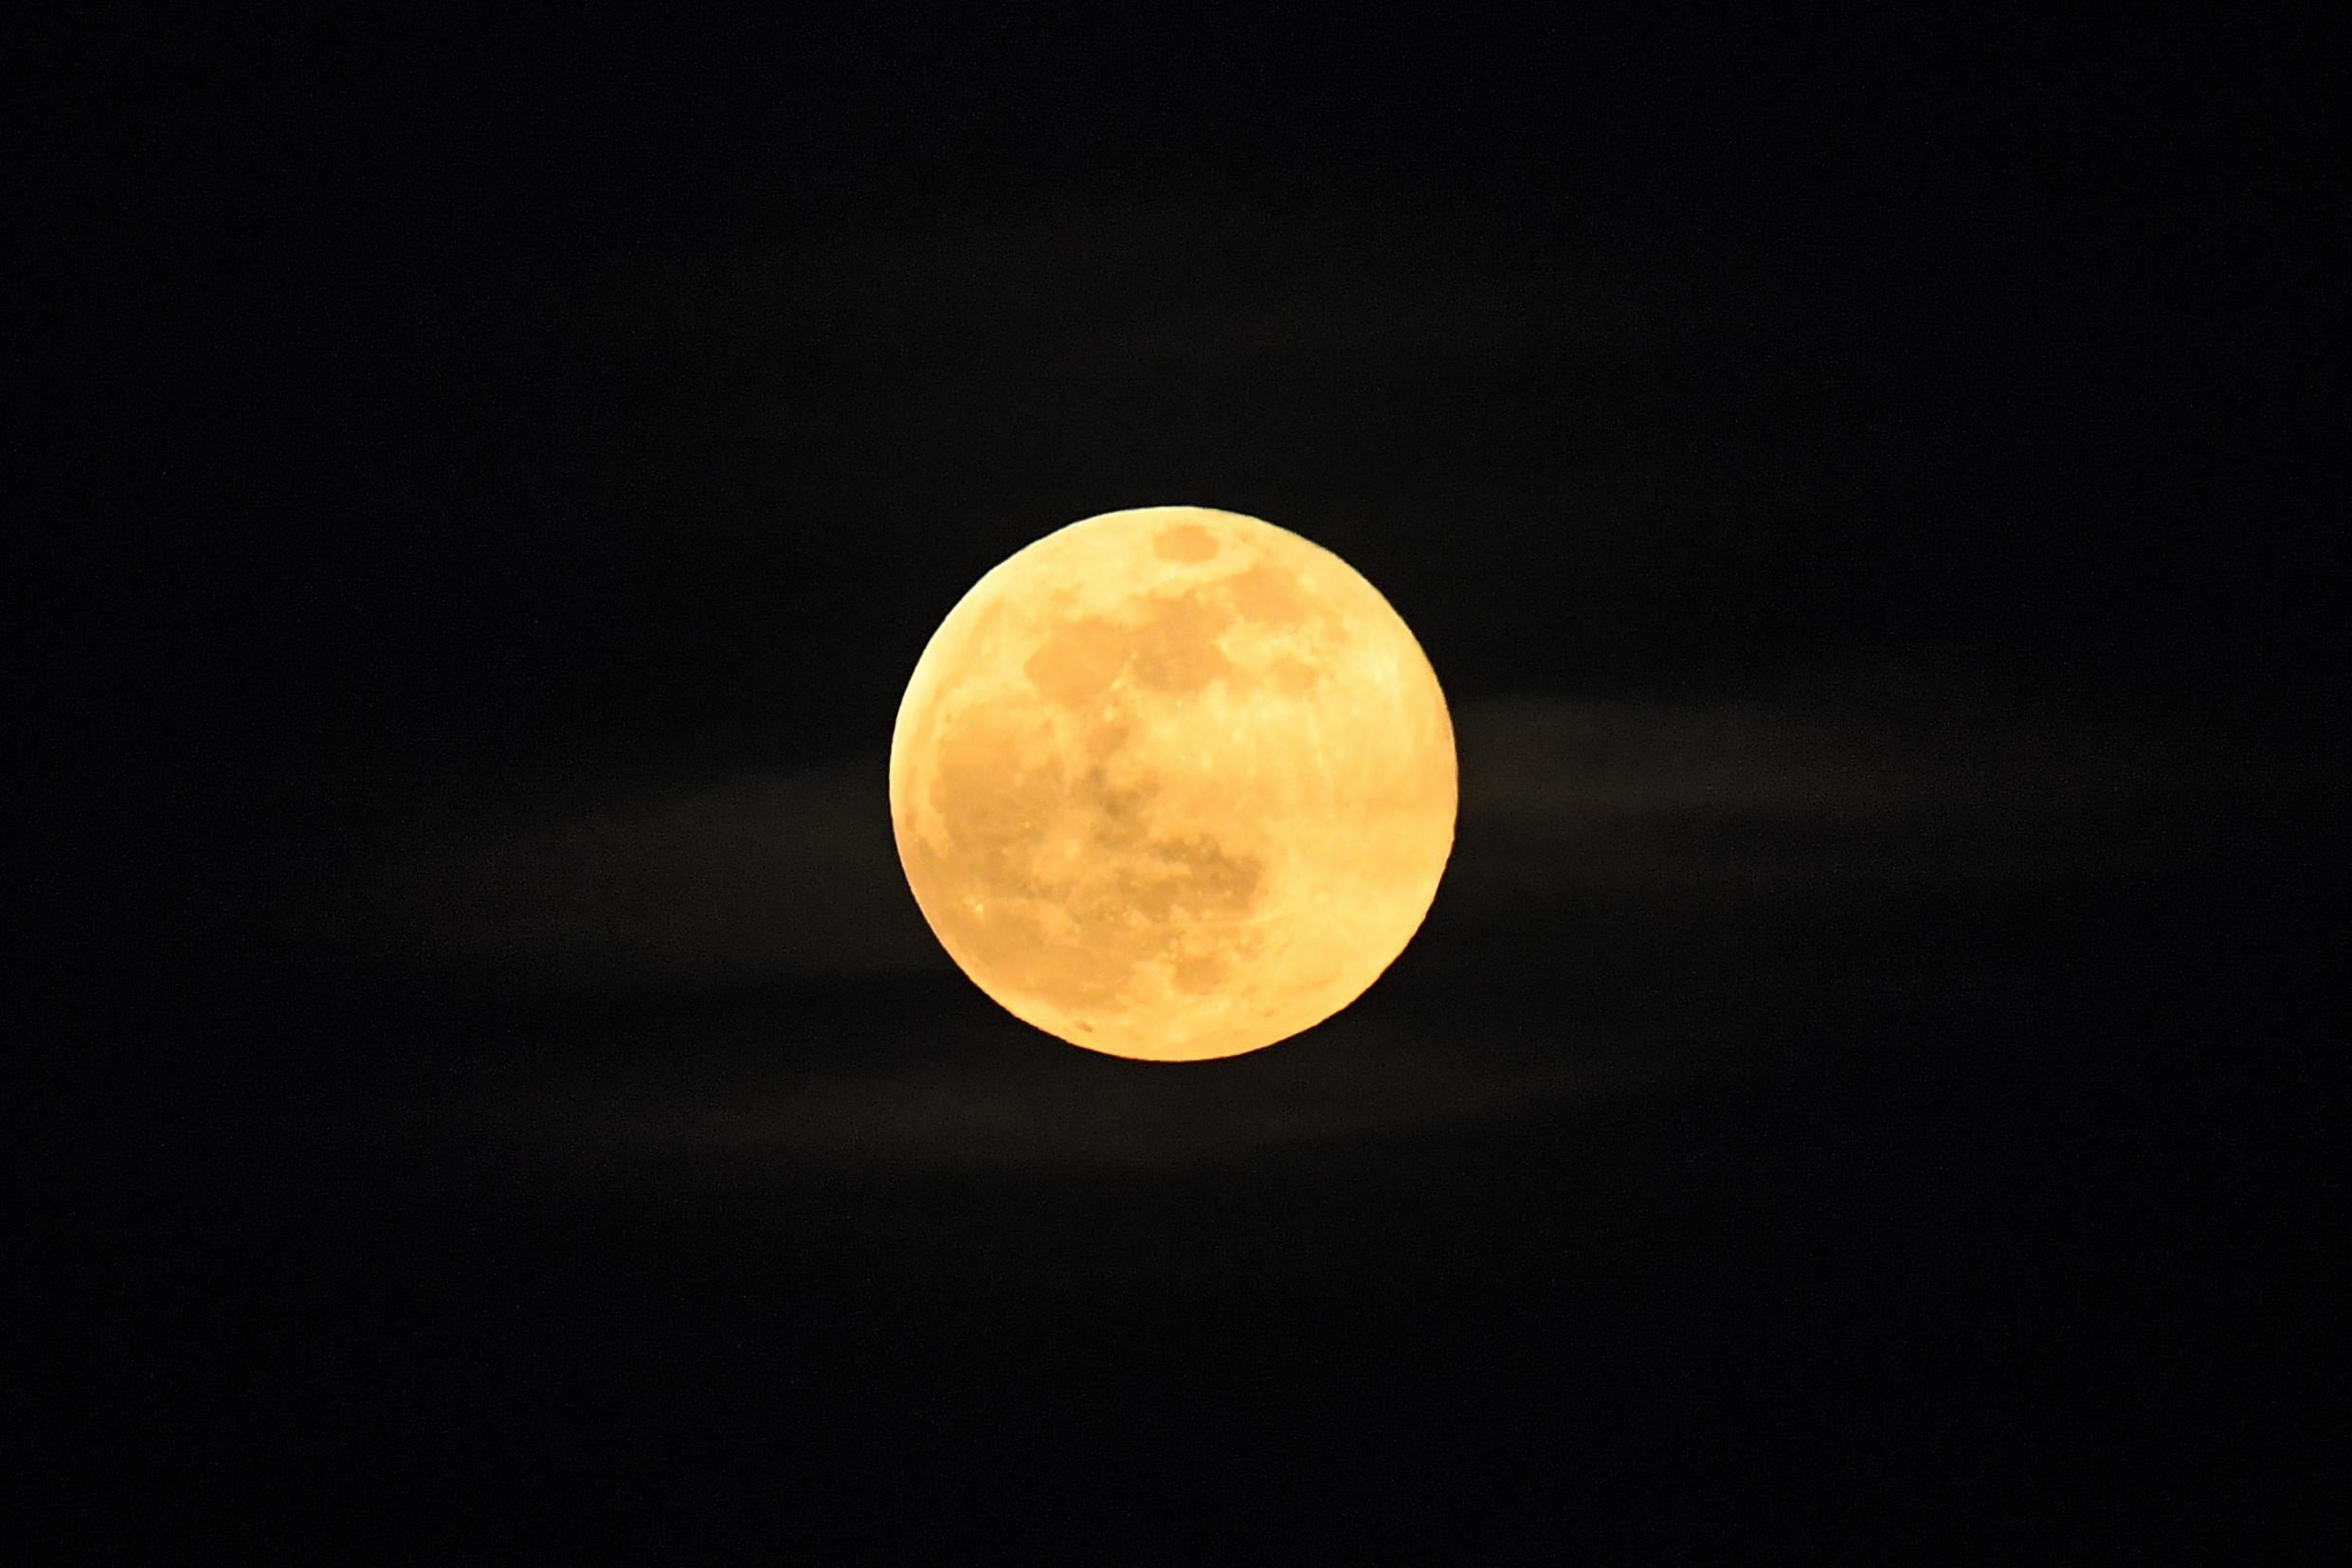 Yellow moon in the night sky.